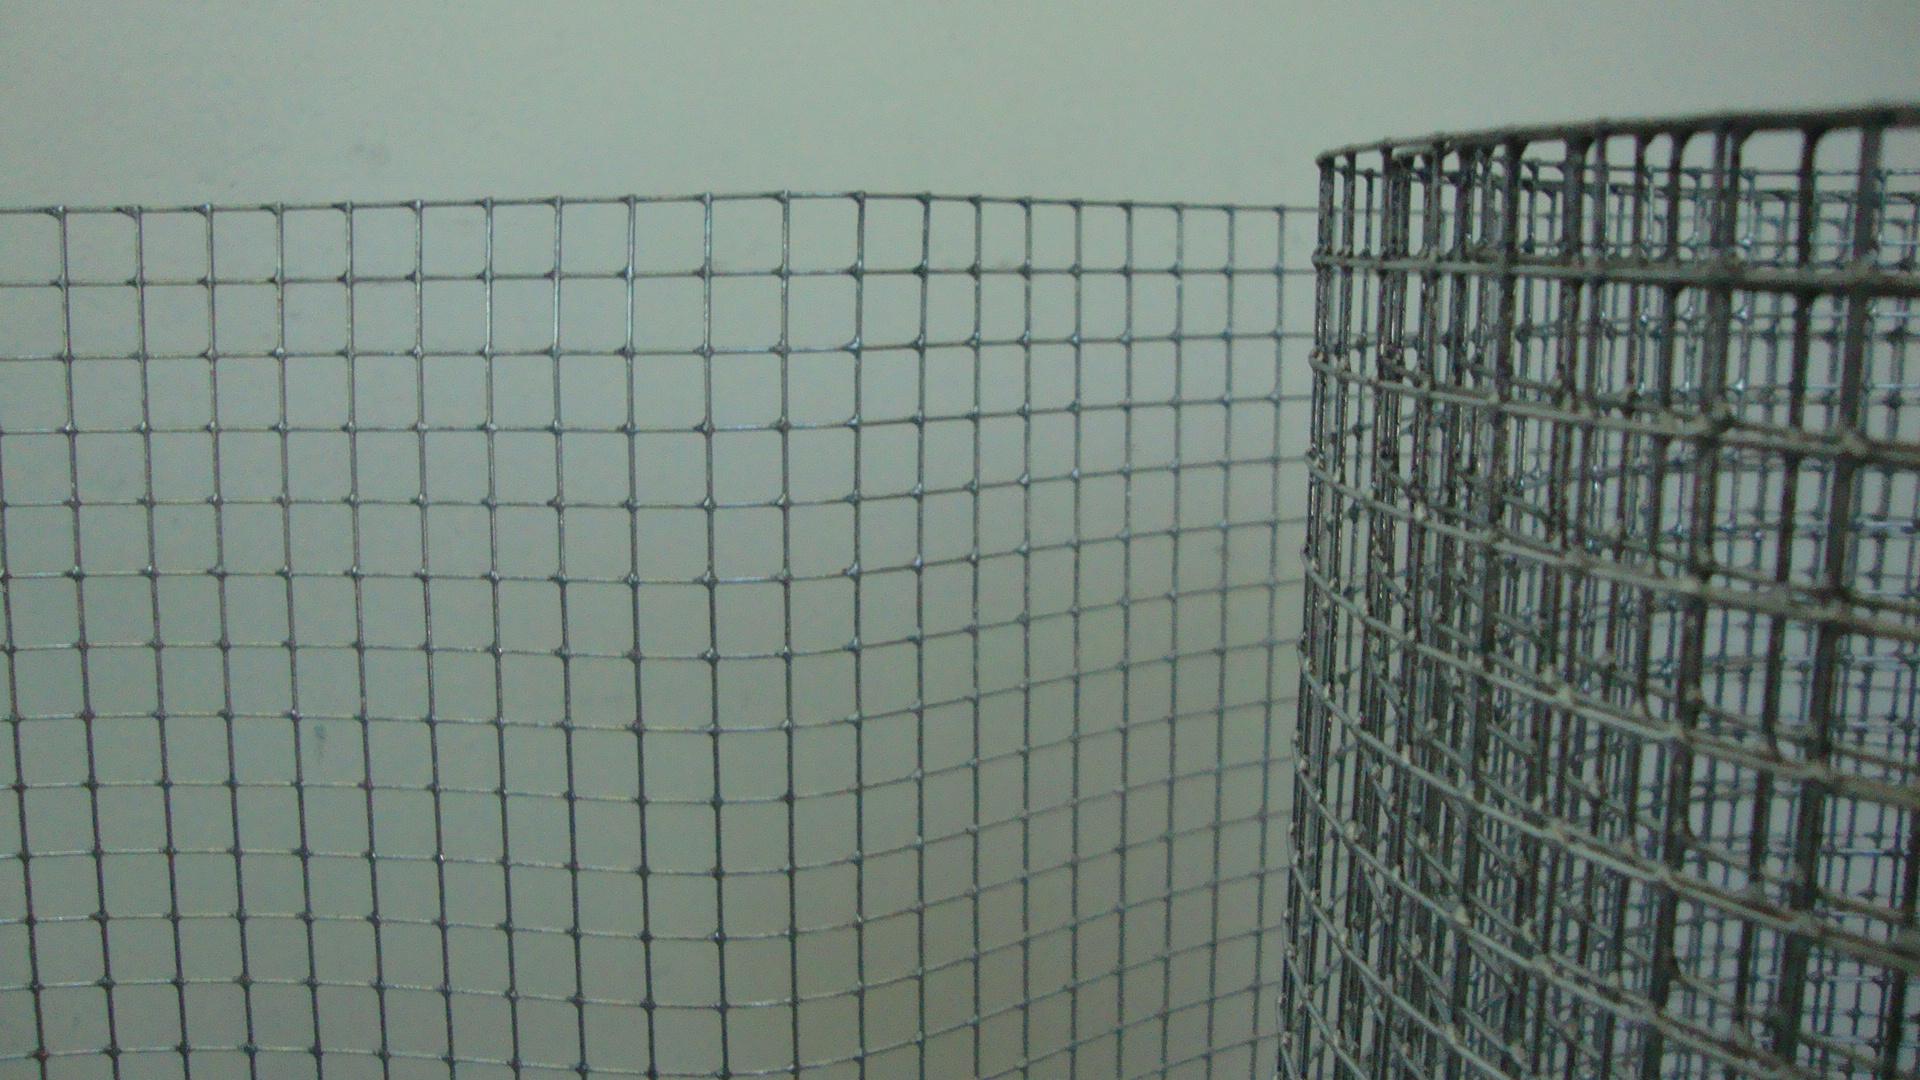 esafort volierengitter verzinkt mw 10 6 x 10 6 mm volierengitter verzinkt volierengitter. Black Bedroom Furniture Sets. Home Design Ideas